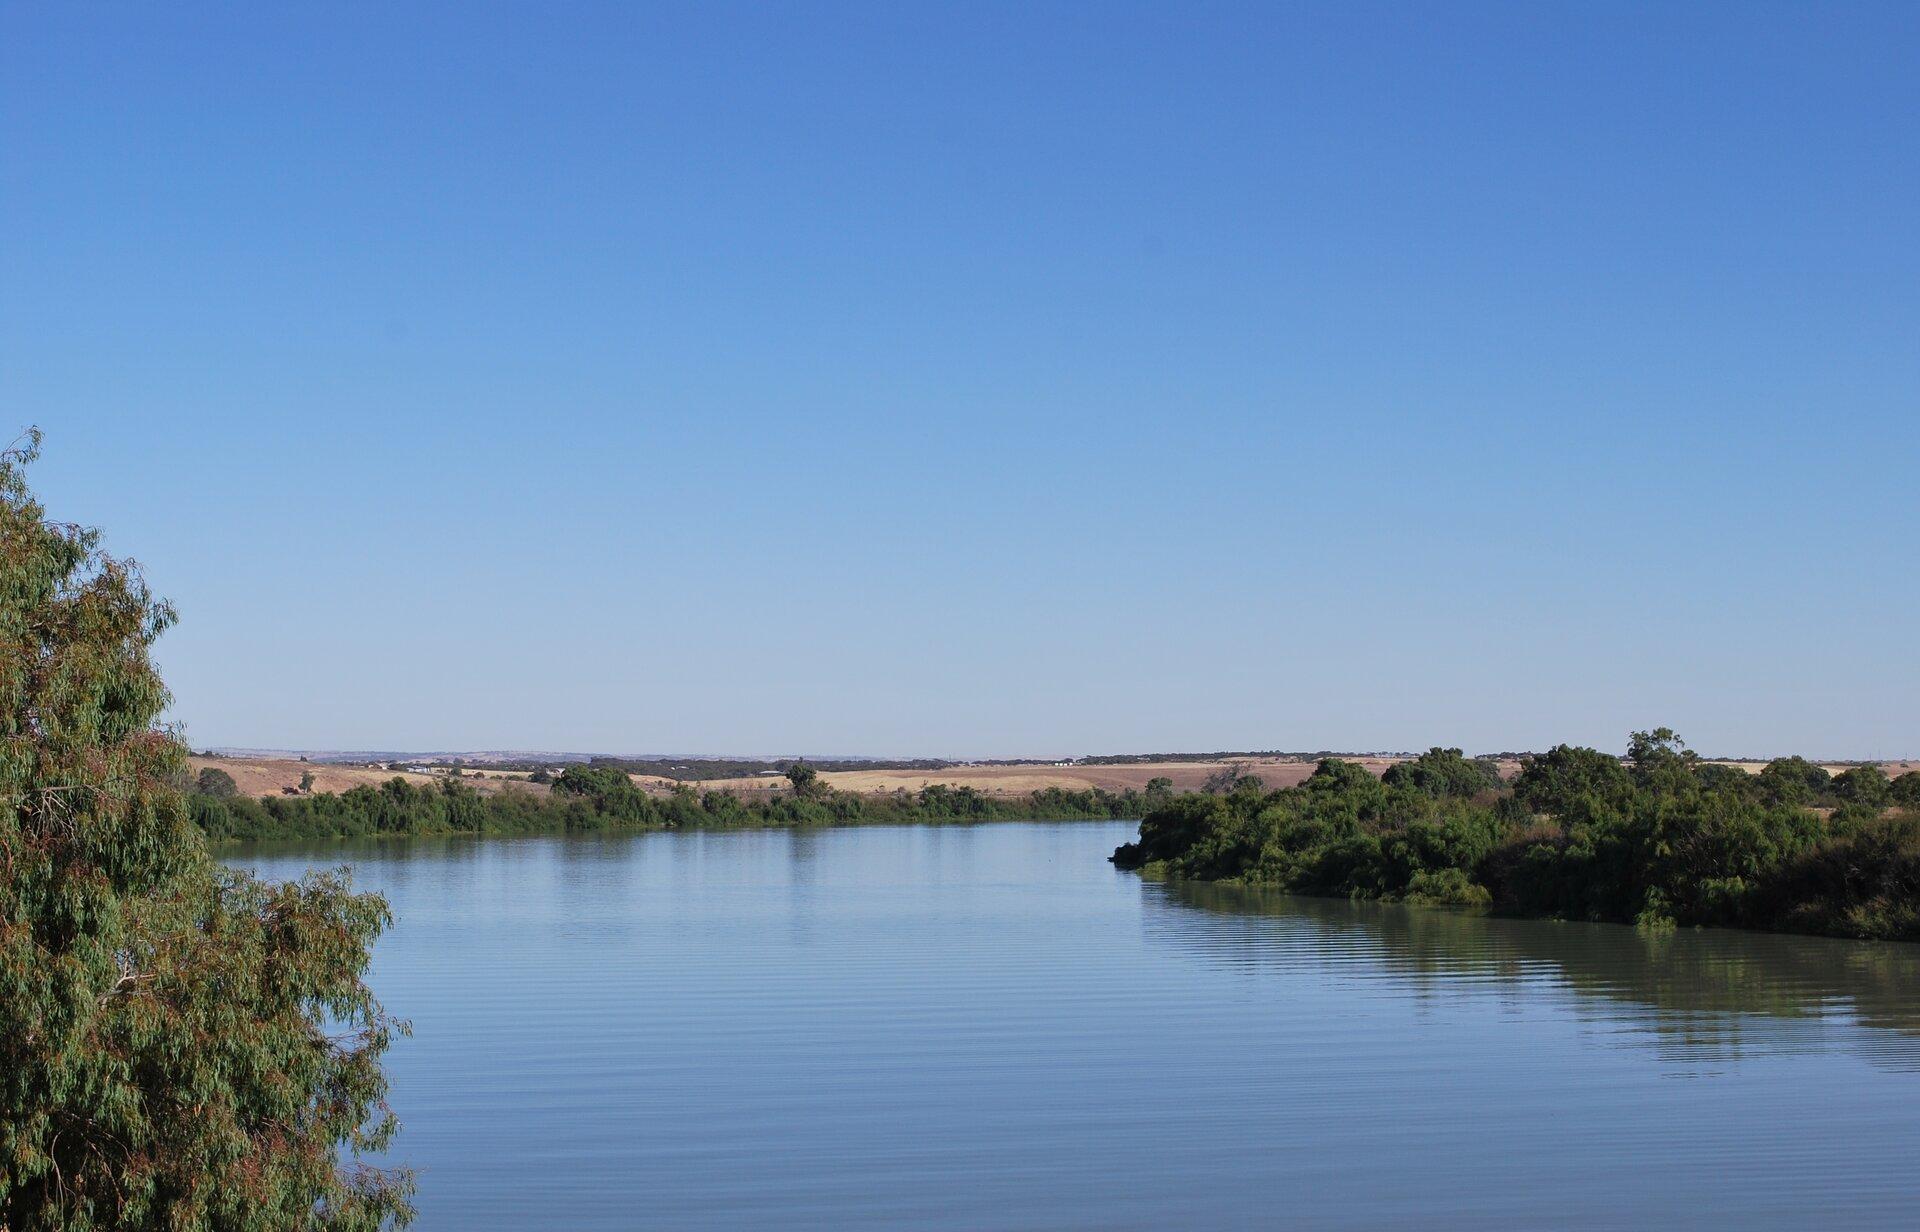 Na ilustracji szeroka rzeka, brzegi porośnięte drzewami. Wtle rozległa równina.